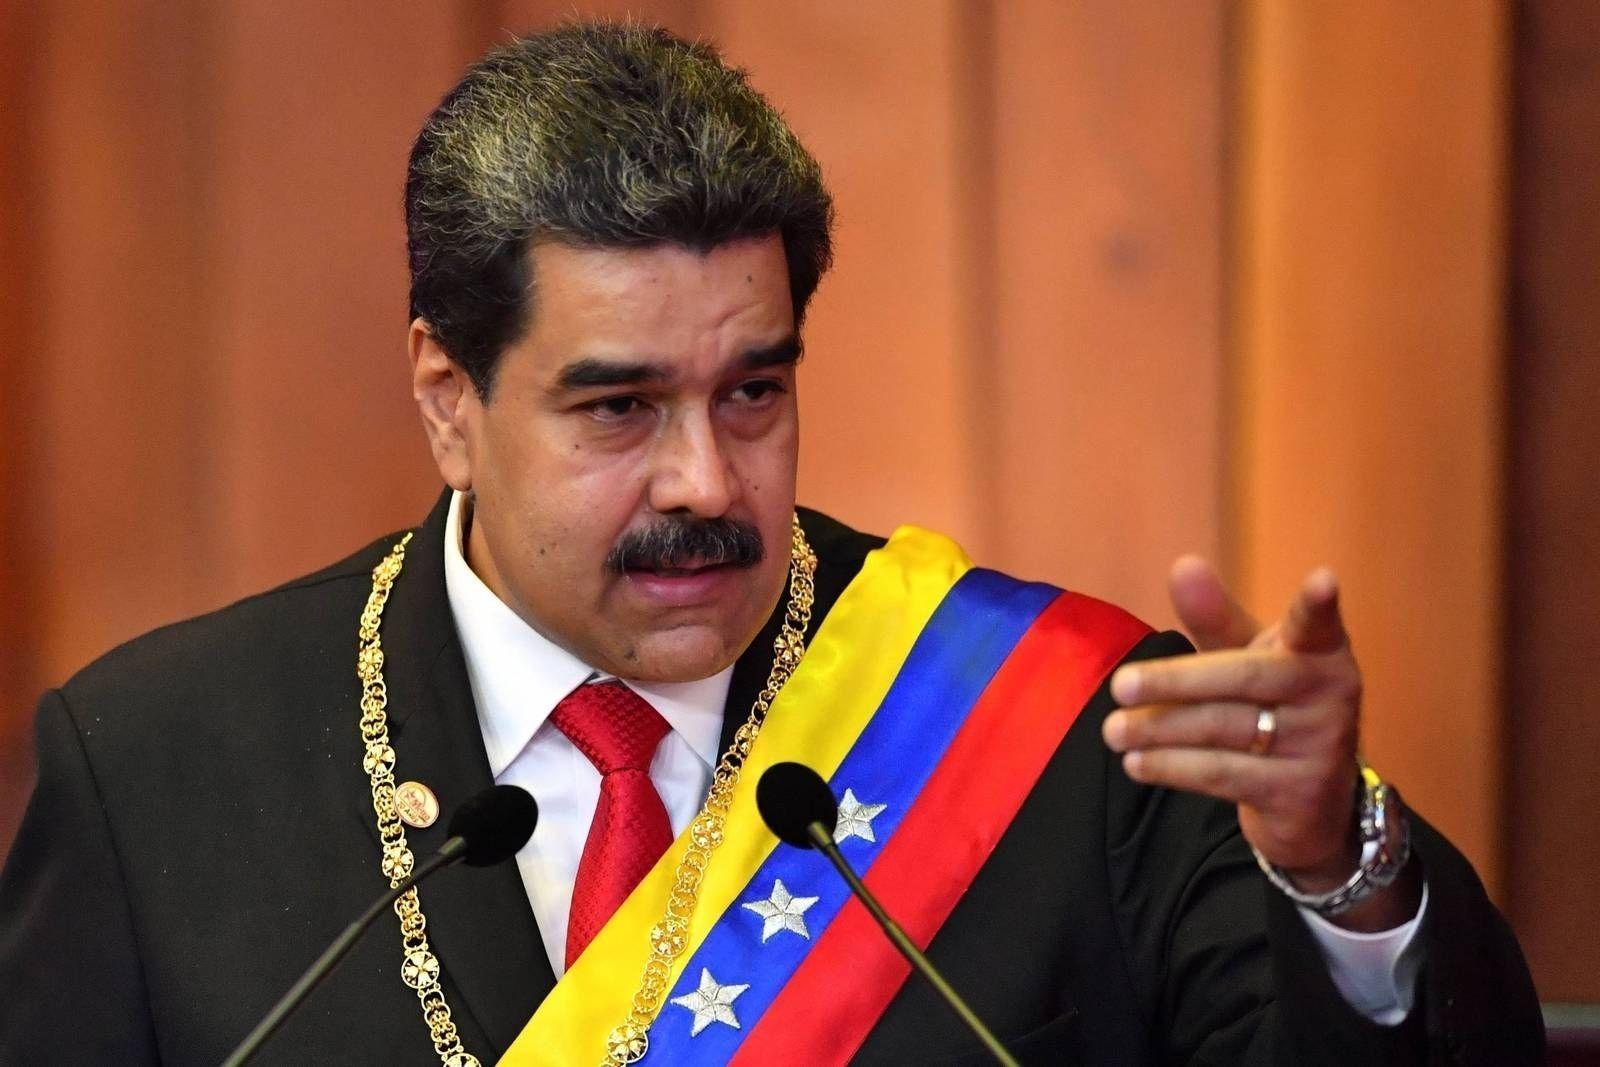 Мадурогийн амийг хорлох хуйвалдааныг илрүүлснээ Венесуэлийн засгийн газар зарлажээ